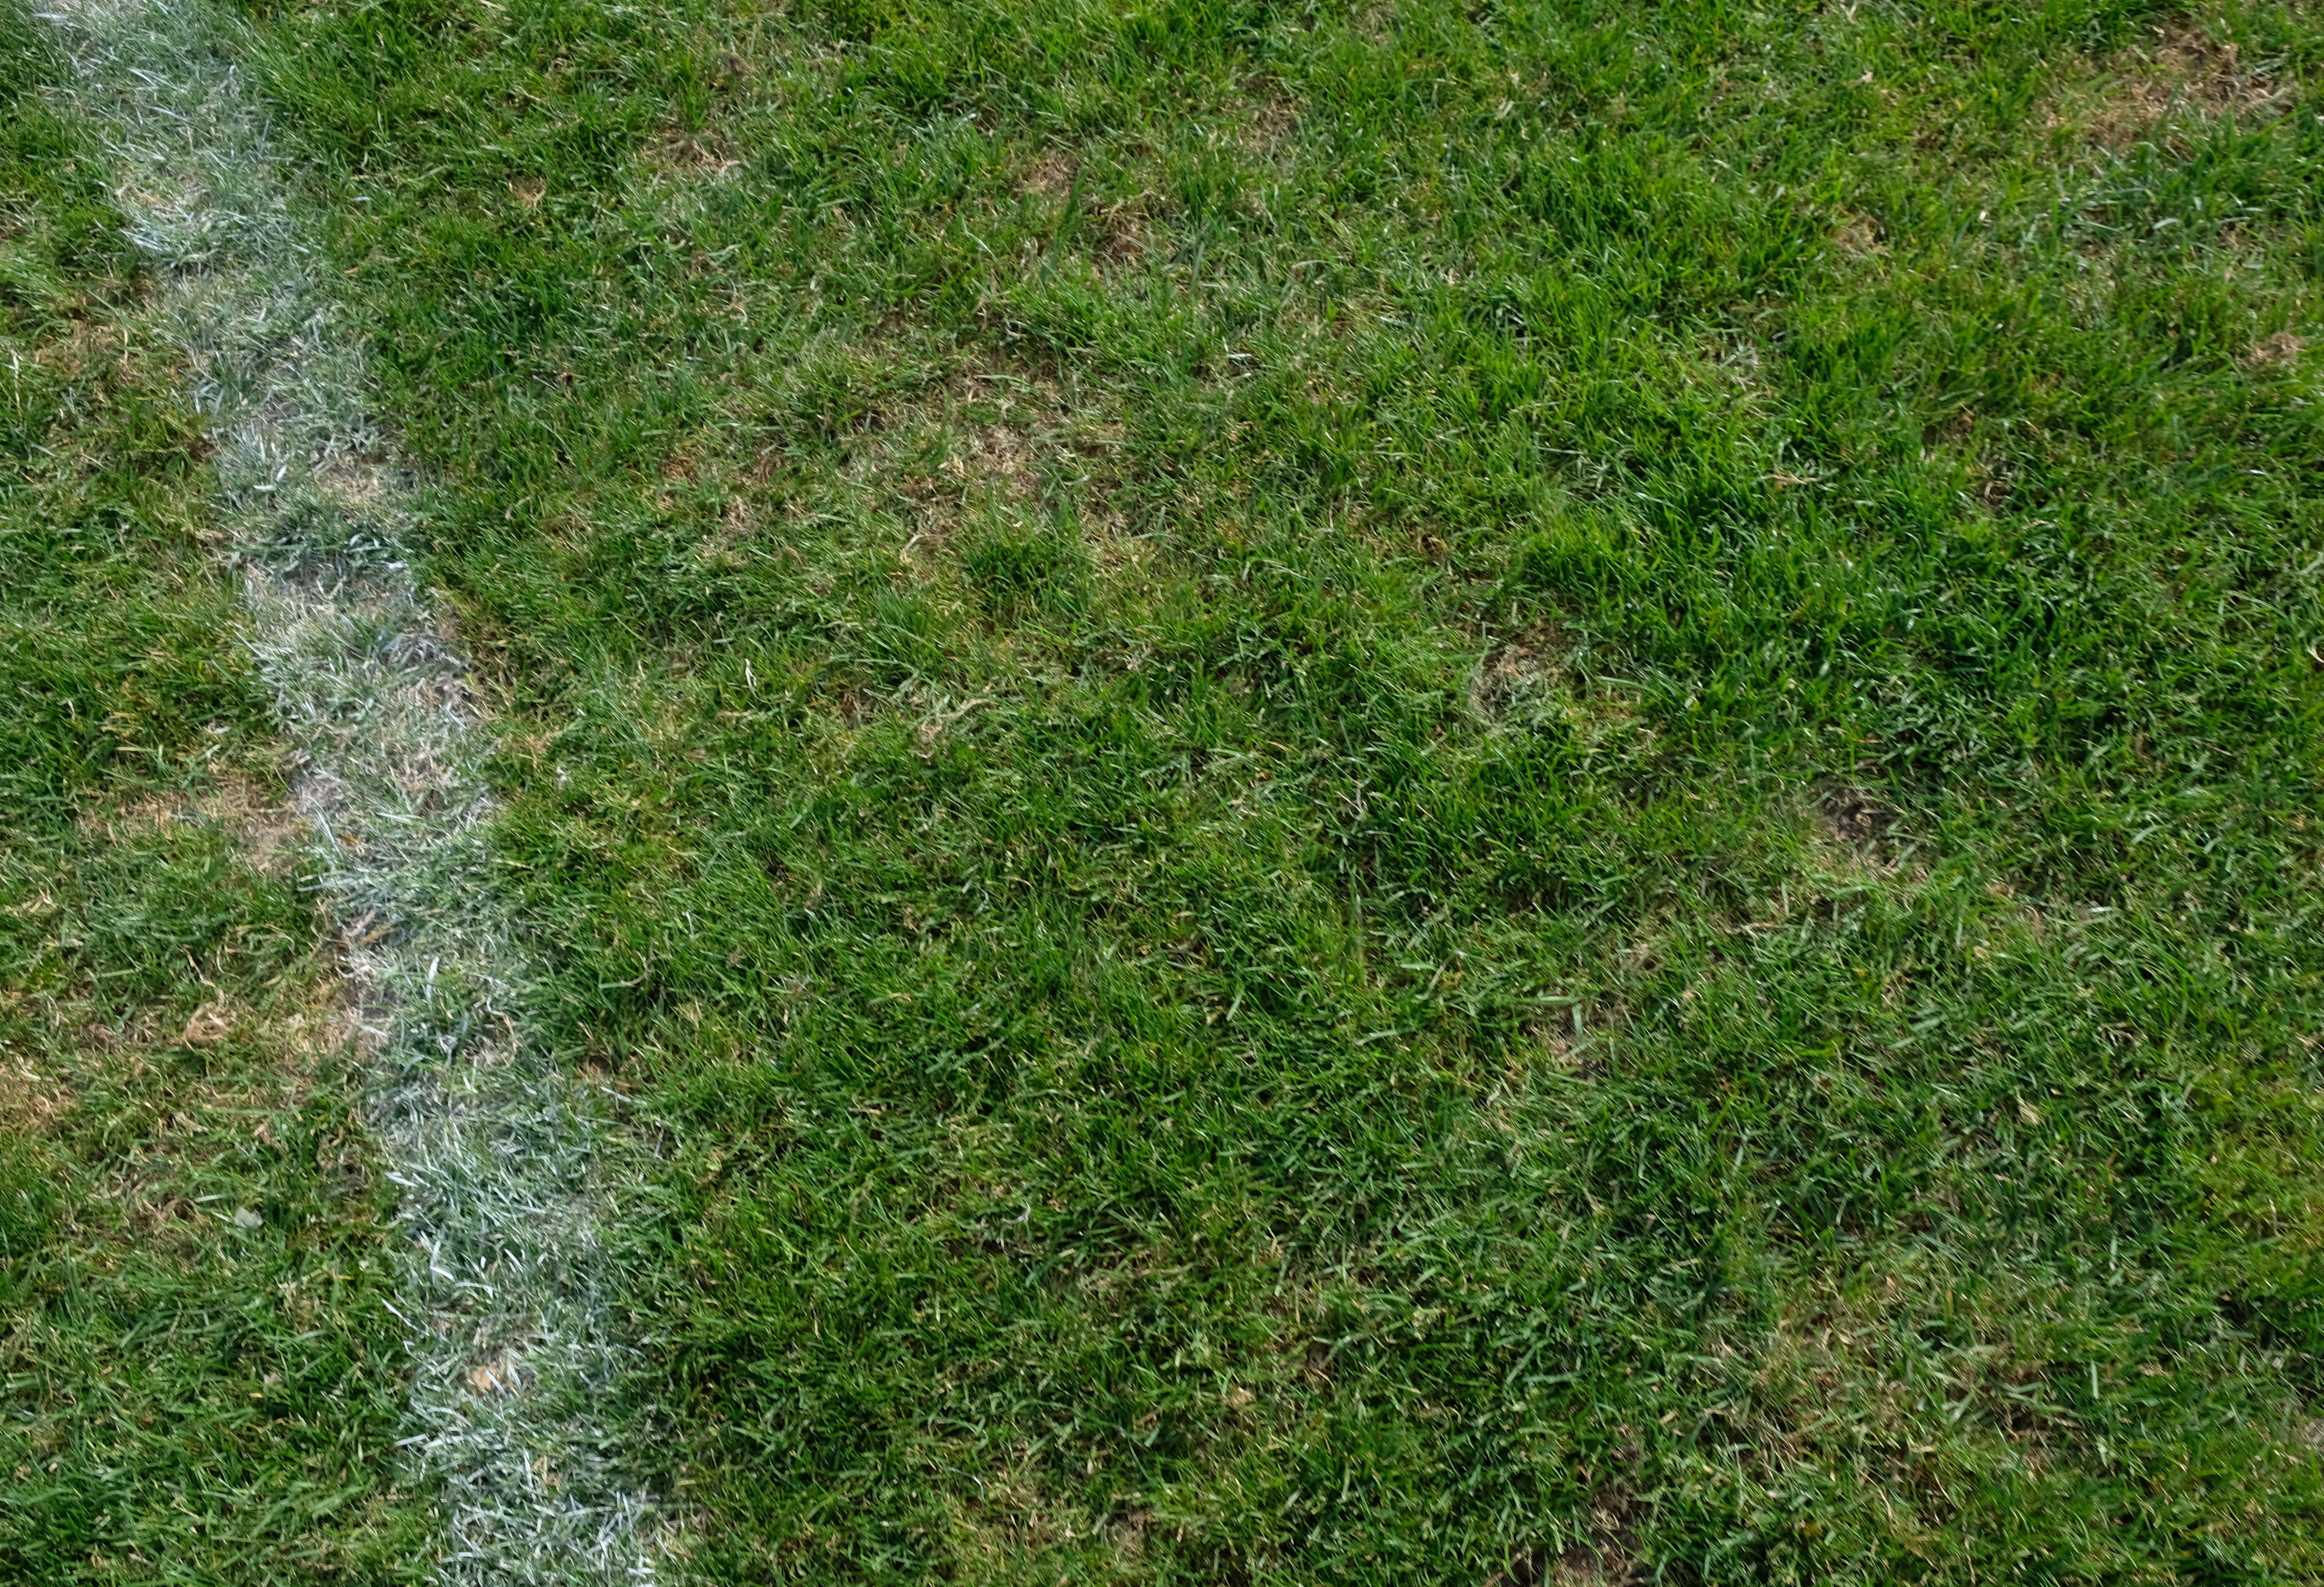 Acker oder englischer Rasen?